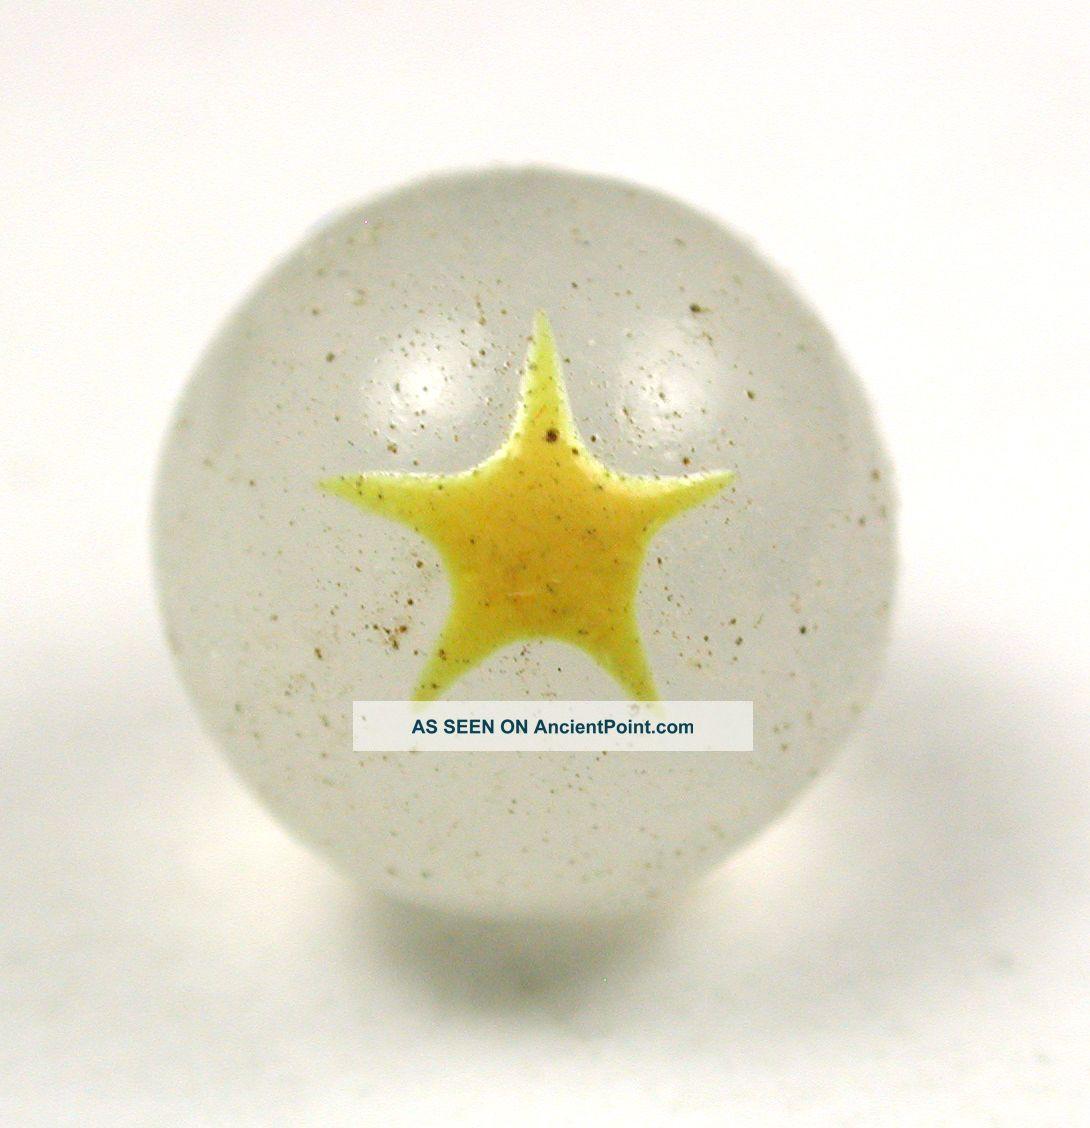 Antique Glass Ball Button Milk Glass W/ Yellow Star Design - 7/16 Buttons photo